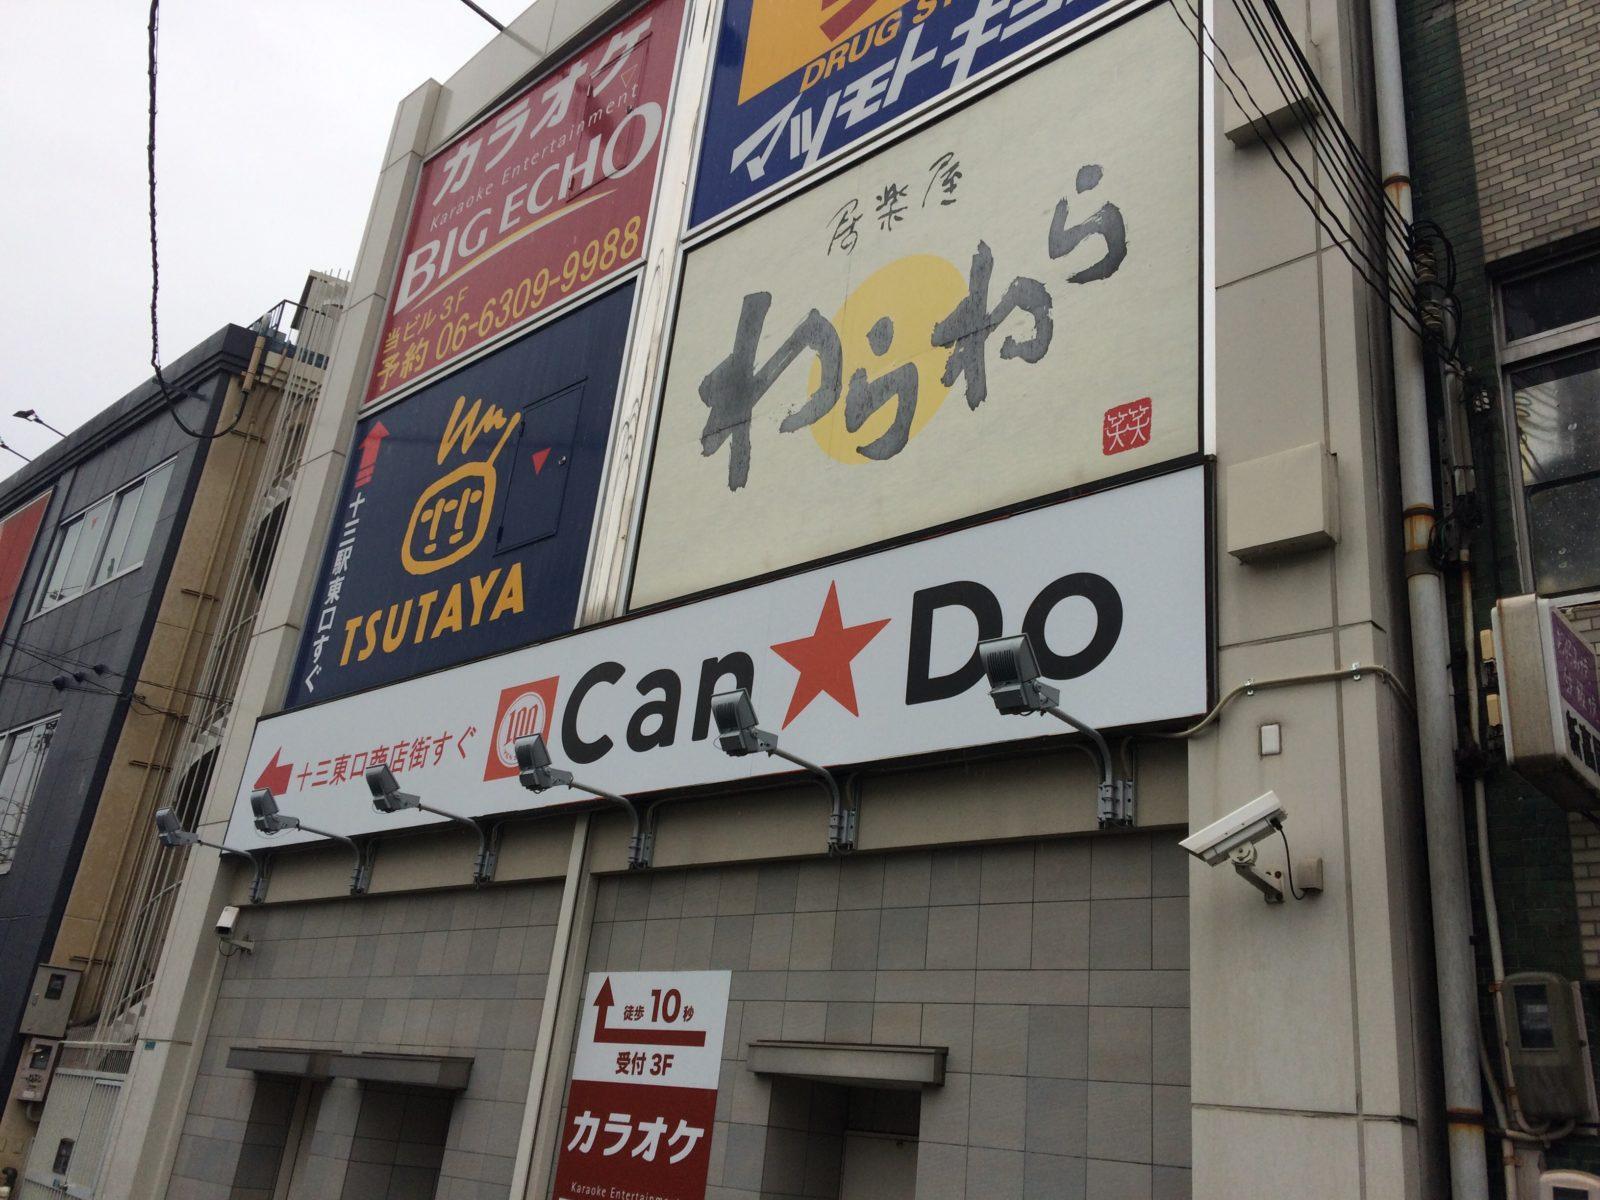 十三東駅口側にキャンドゥの大型看板が設置されてる。